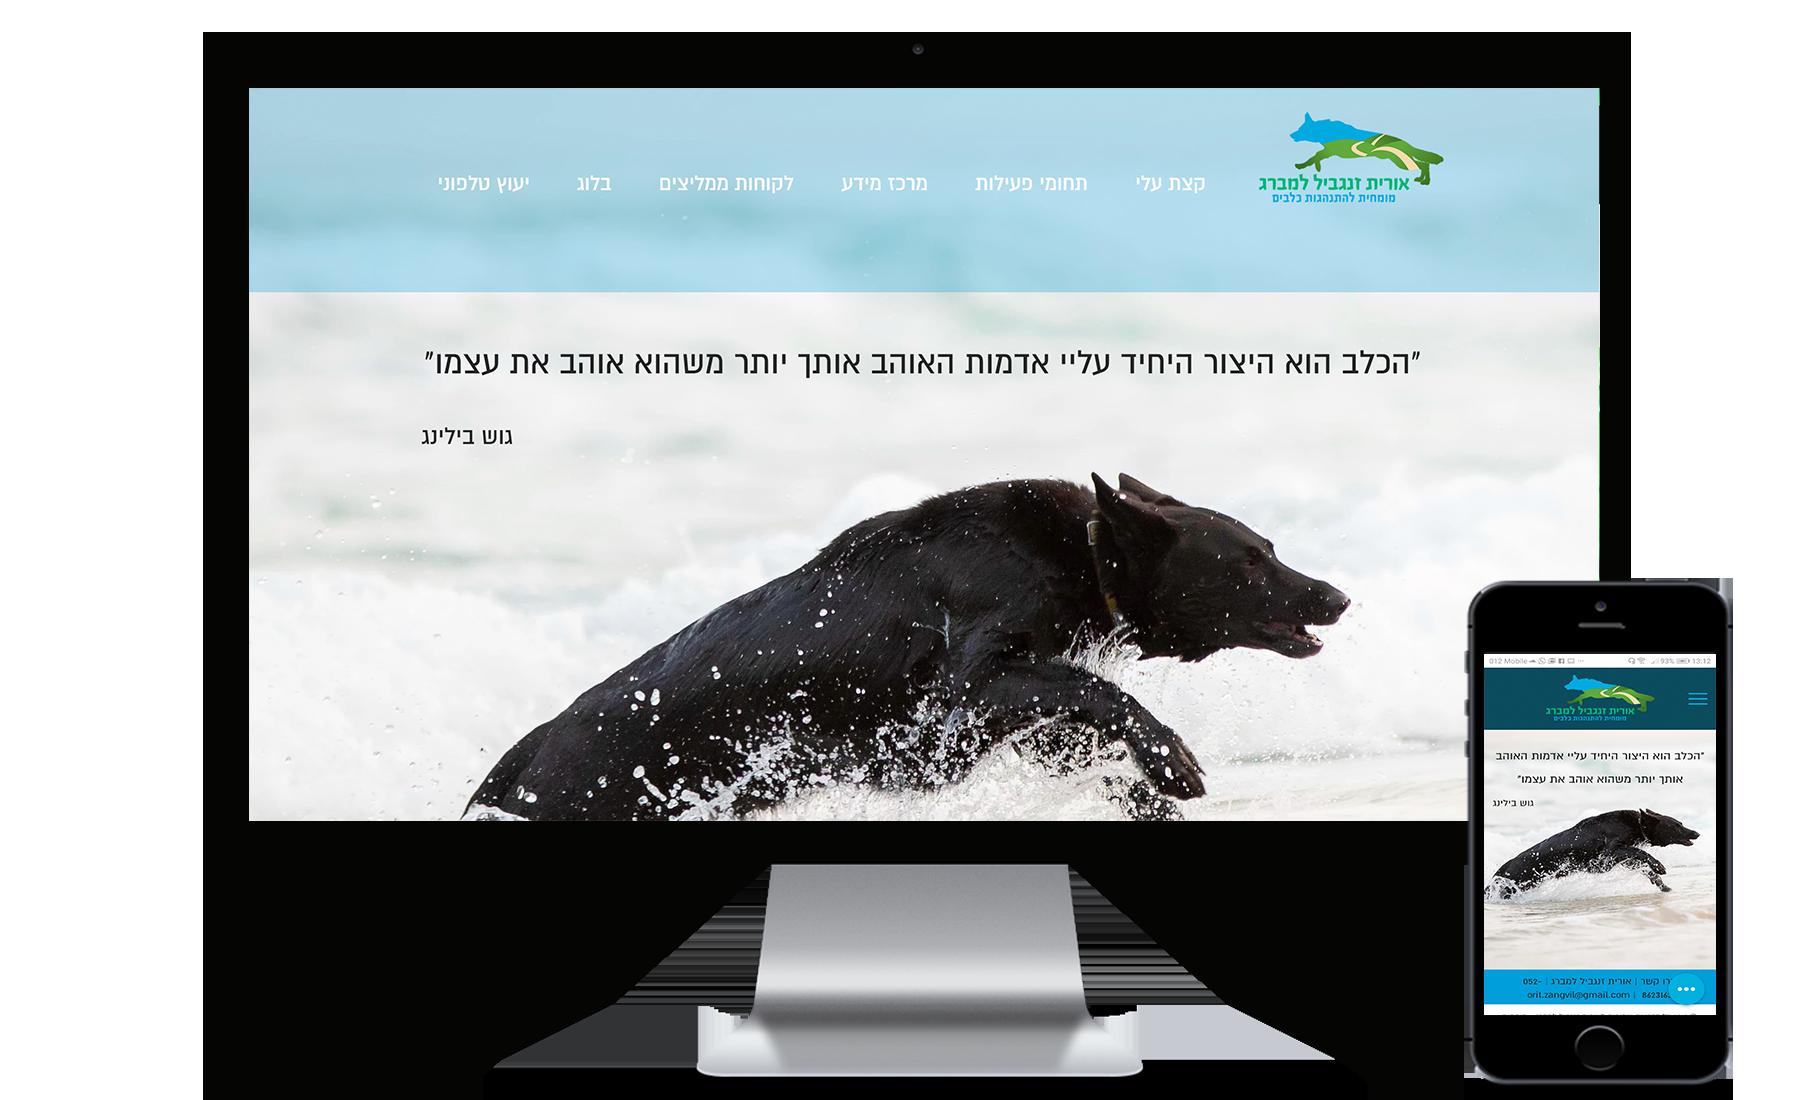 אורית זנגביל | מומחית להתנהגות כלבים